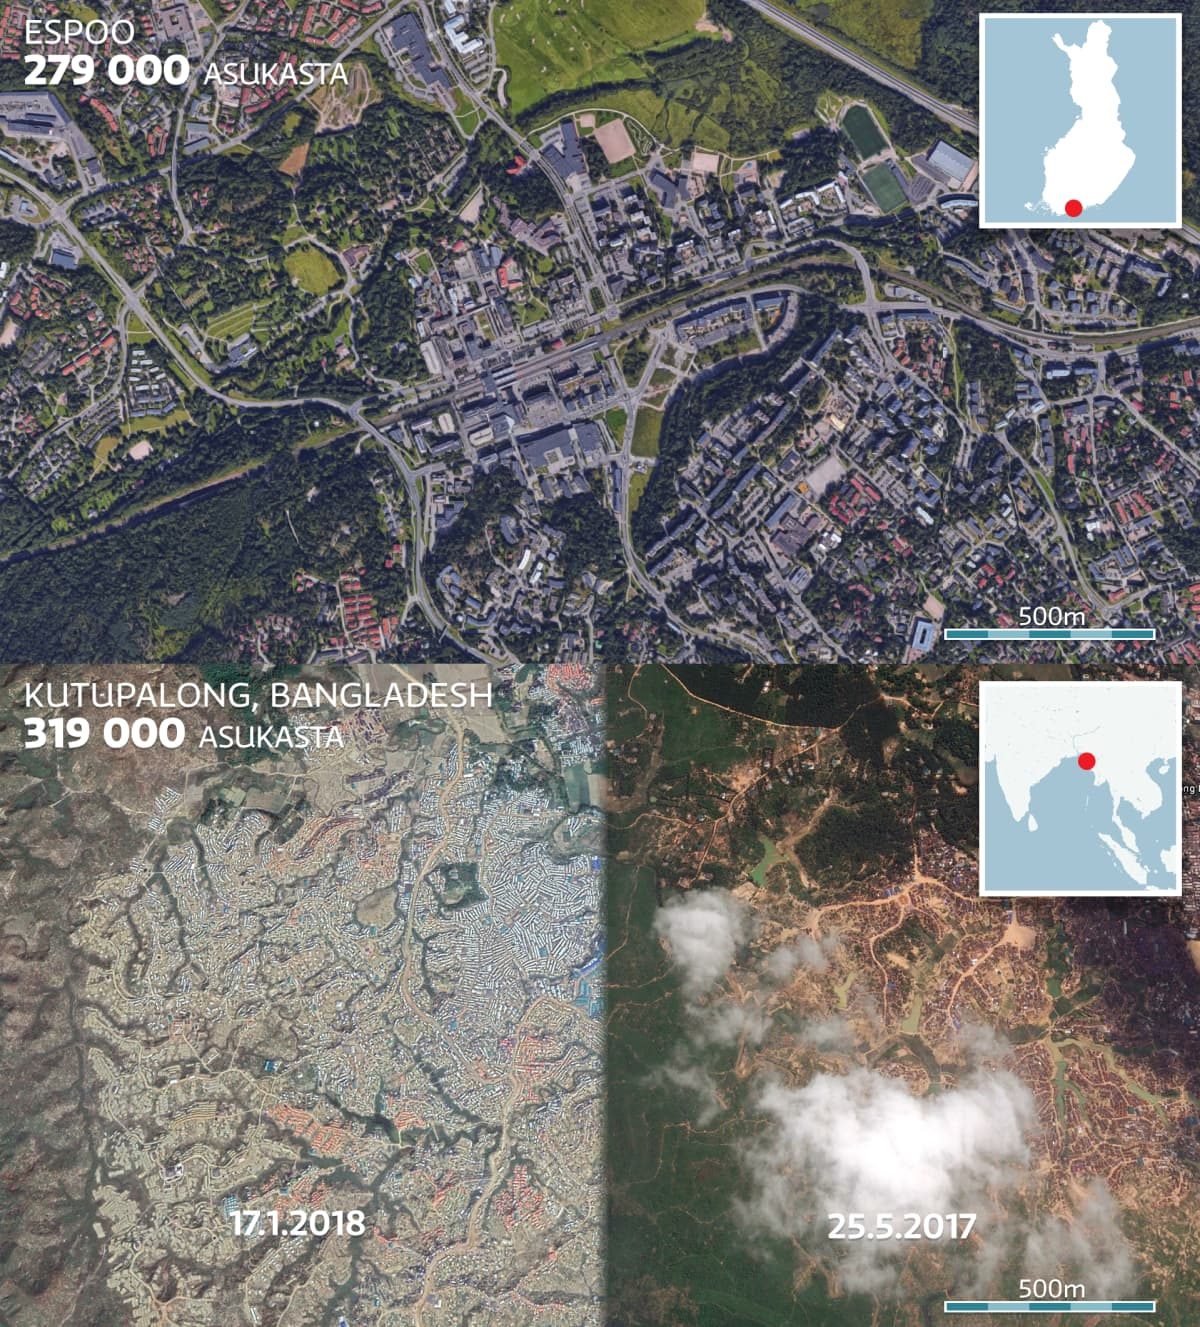 Kartta jossa vertaillaan Espoon kaupunkia ja Kutupalong pakolaisleiriä.